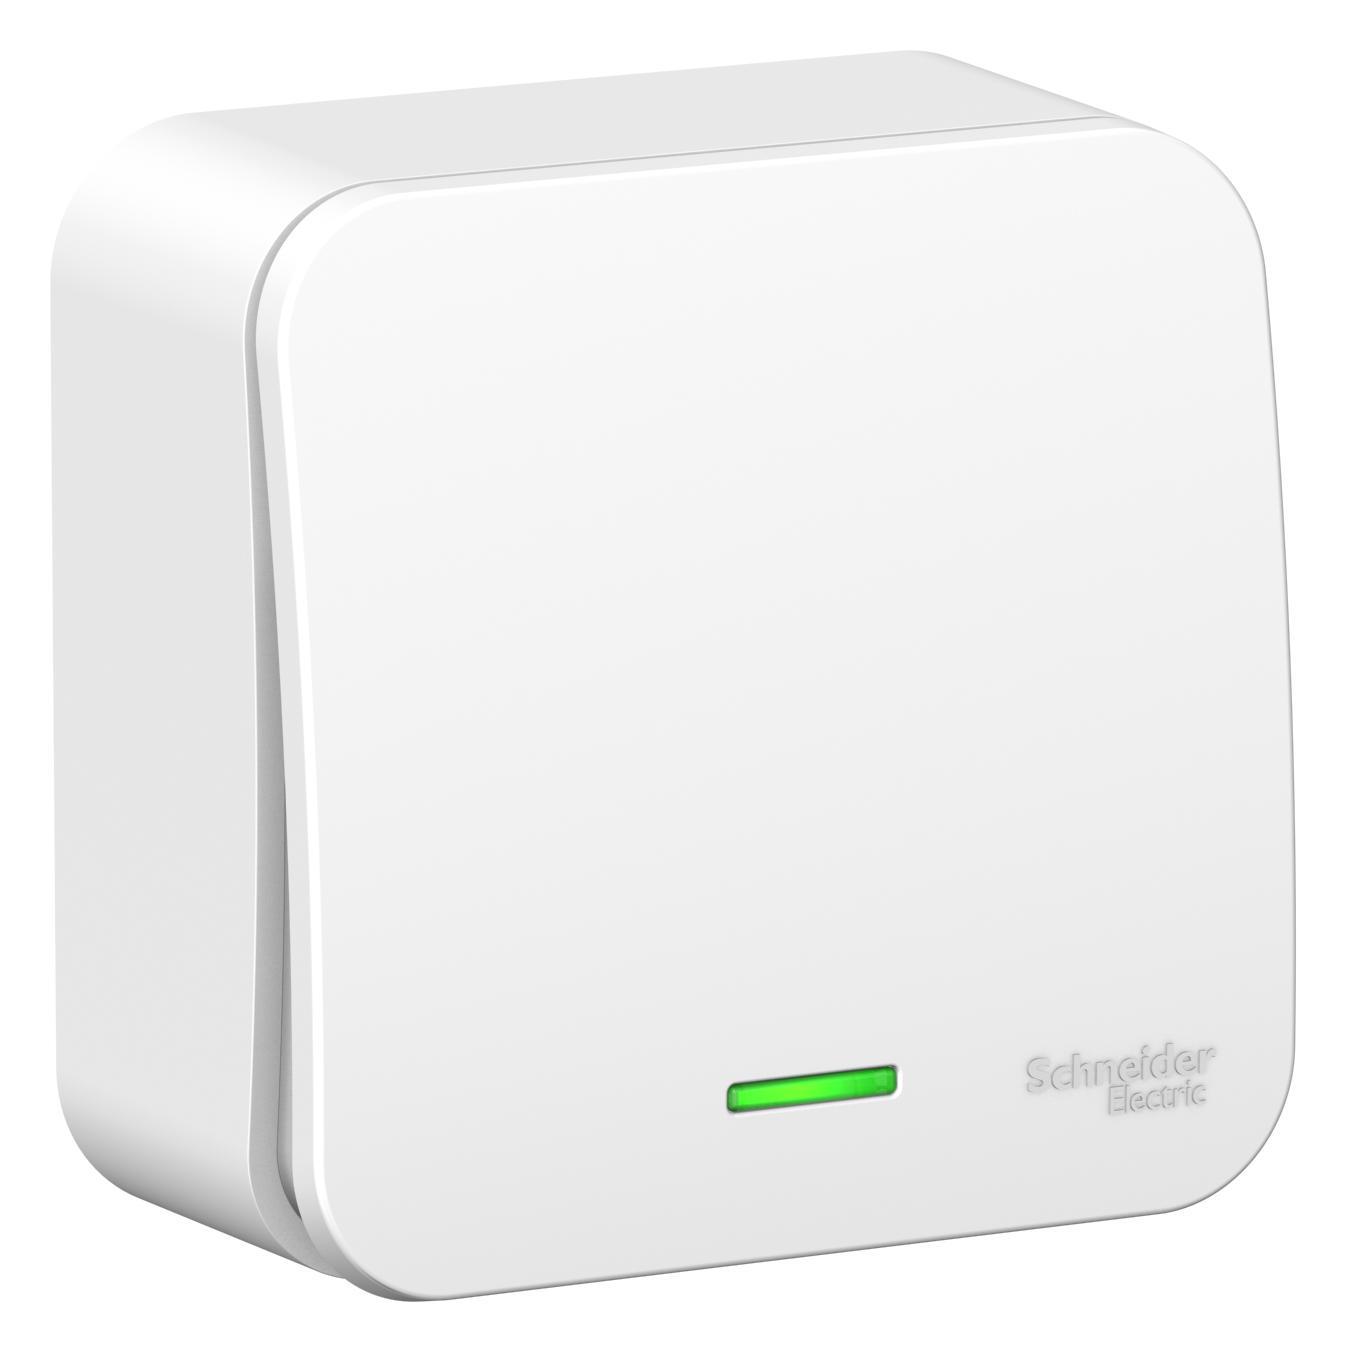 Выключатель Schneider electric Blnva101101 blanca выключатель schneider electric blnva101013 blanca